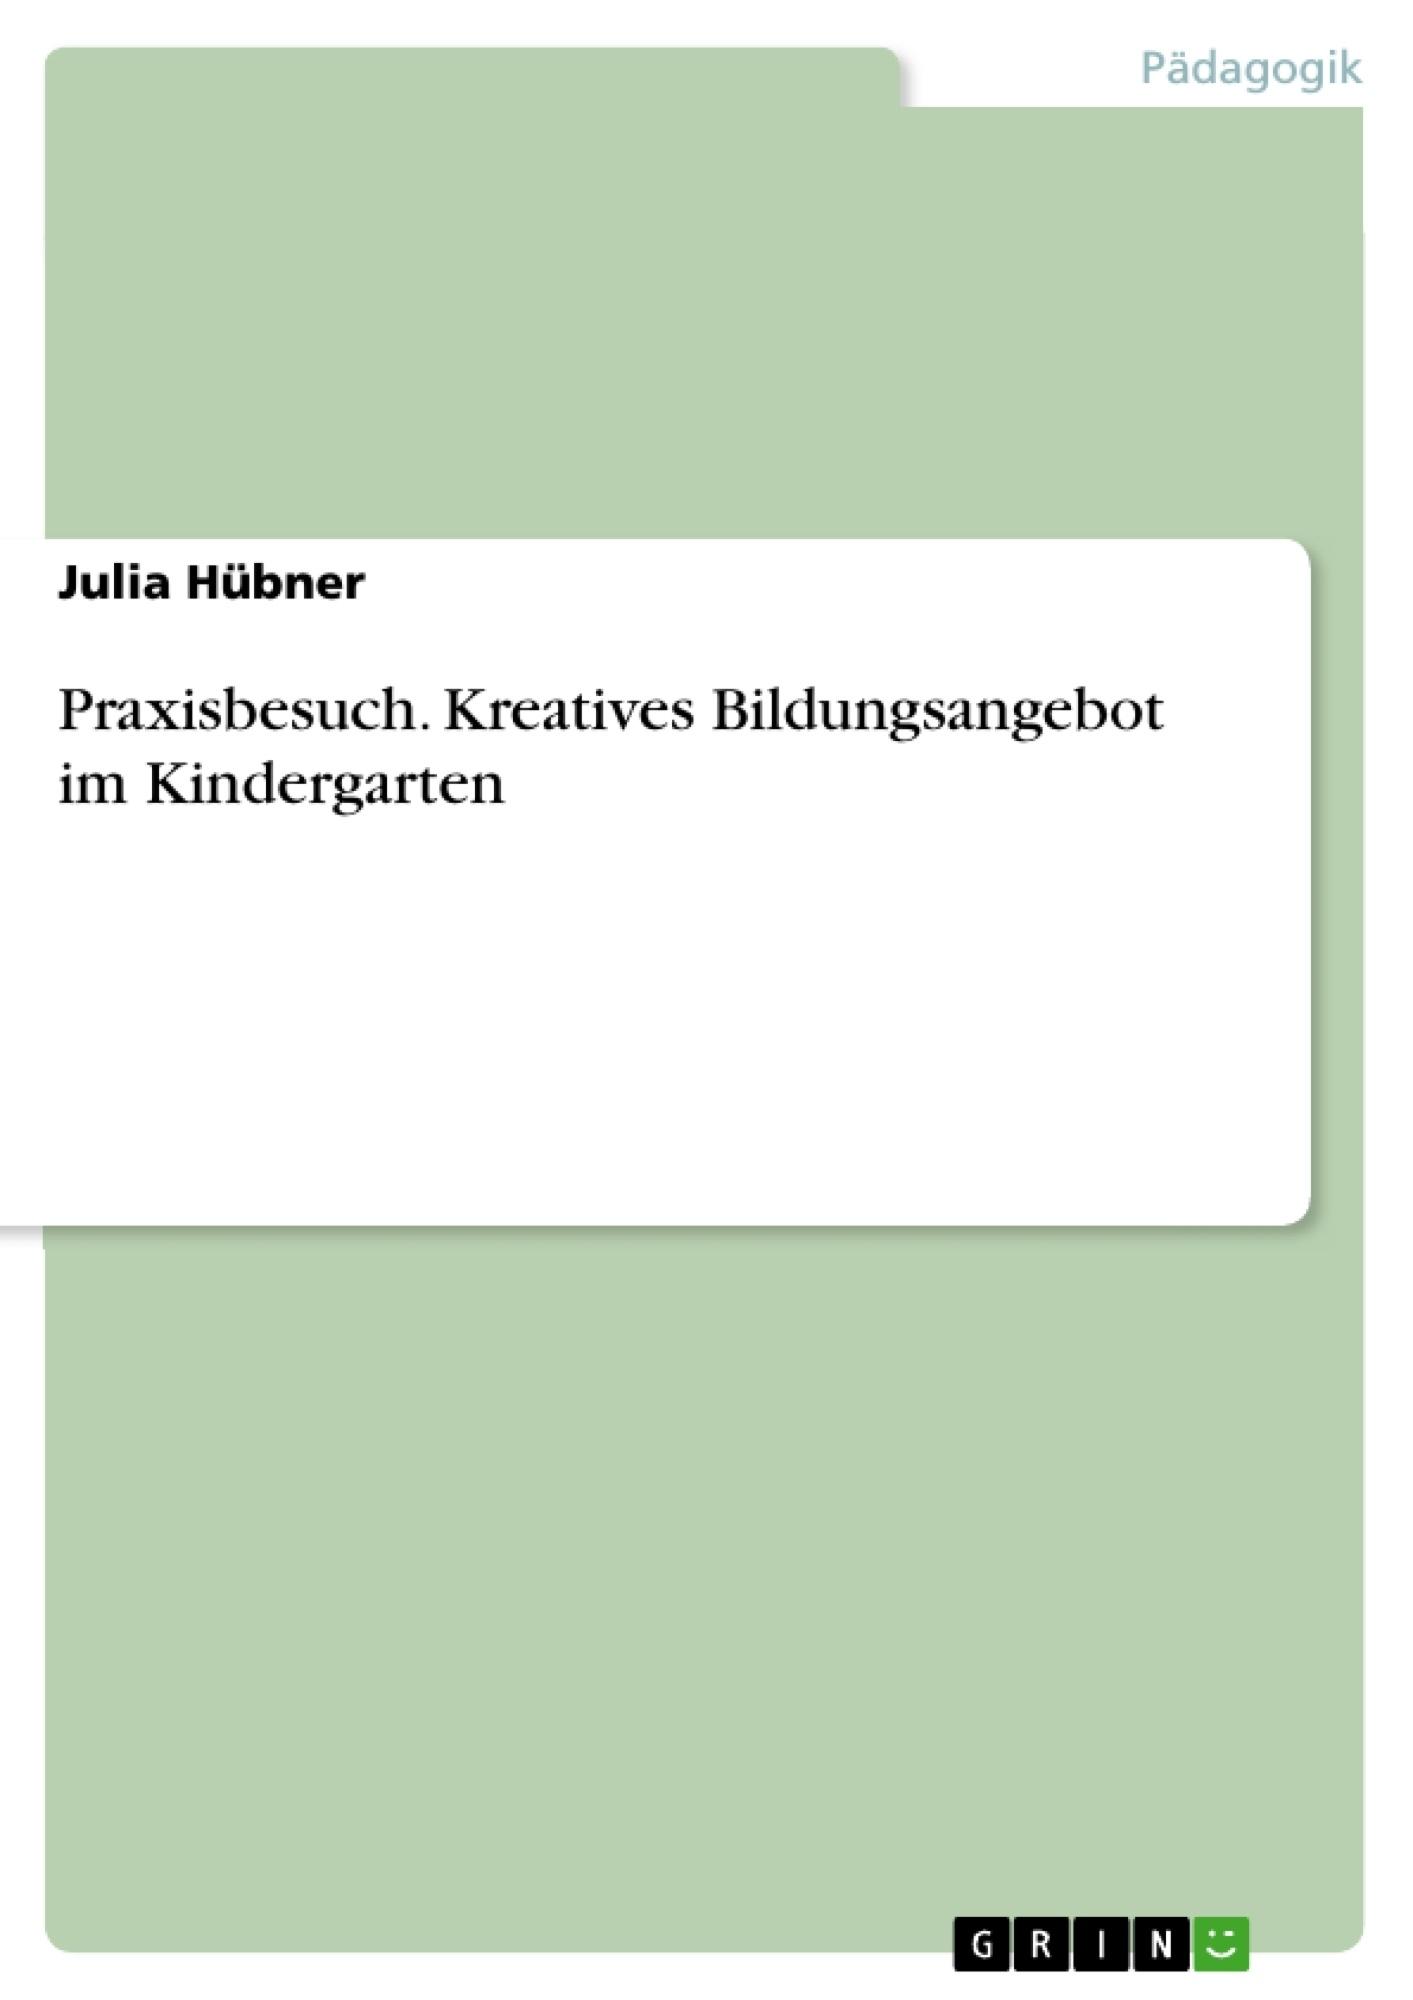 Titel: Praxisbesuch. Kreatives Bildungsangebot im Kindergarten